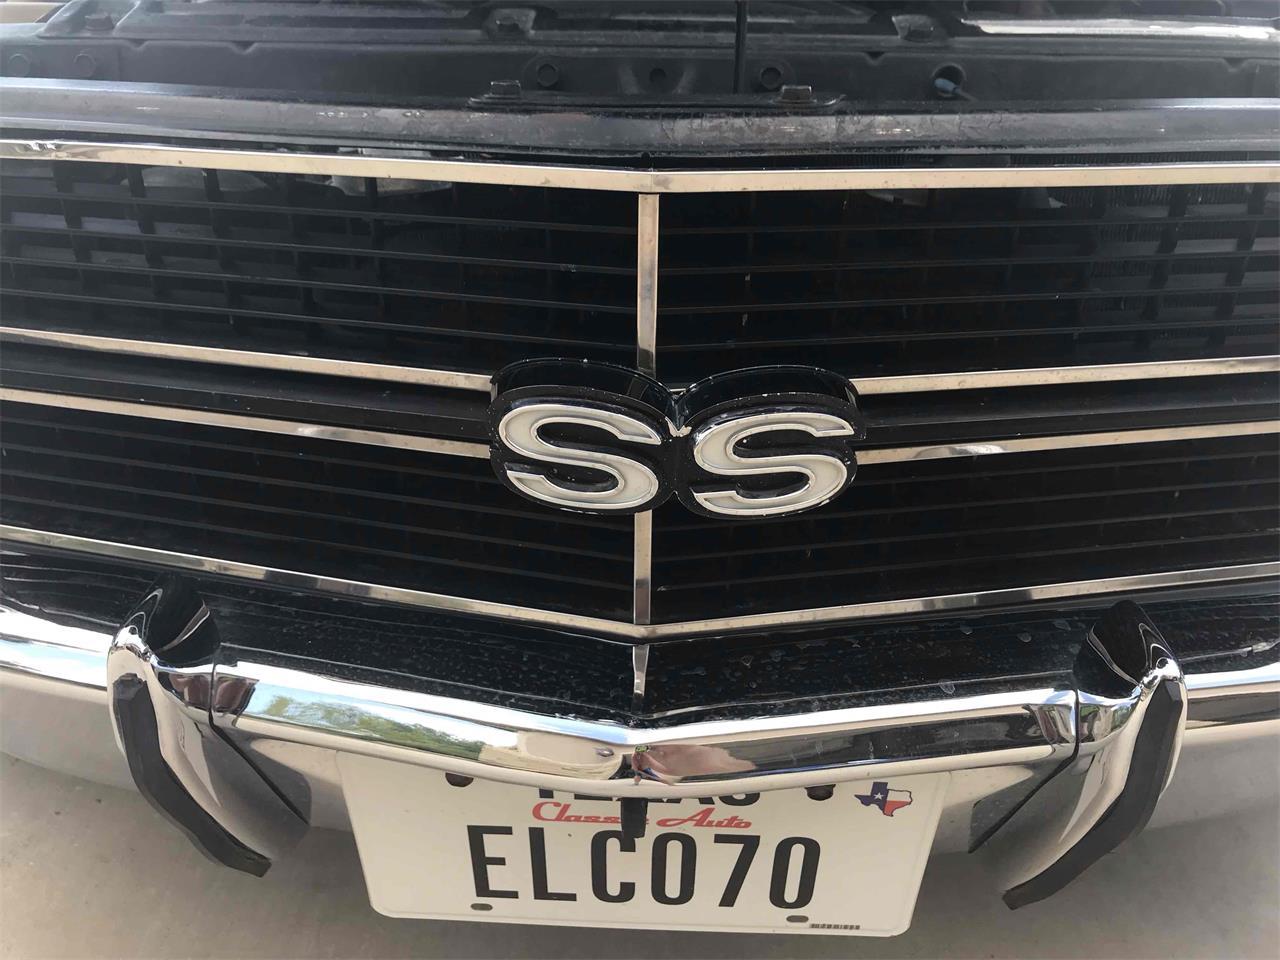 Chevrolet El Camino Ss 400 prix tout compris